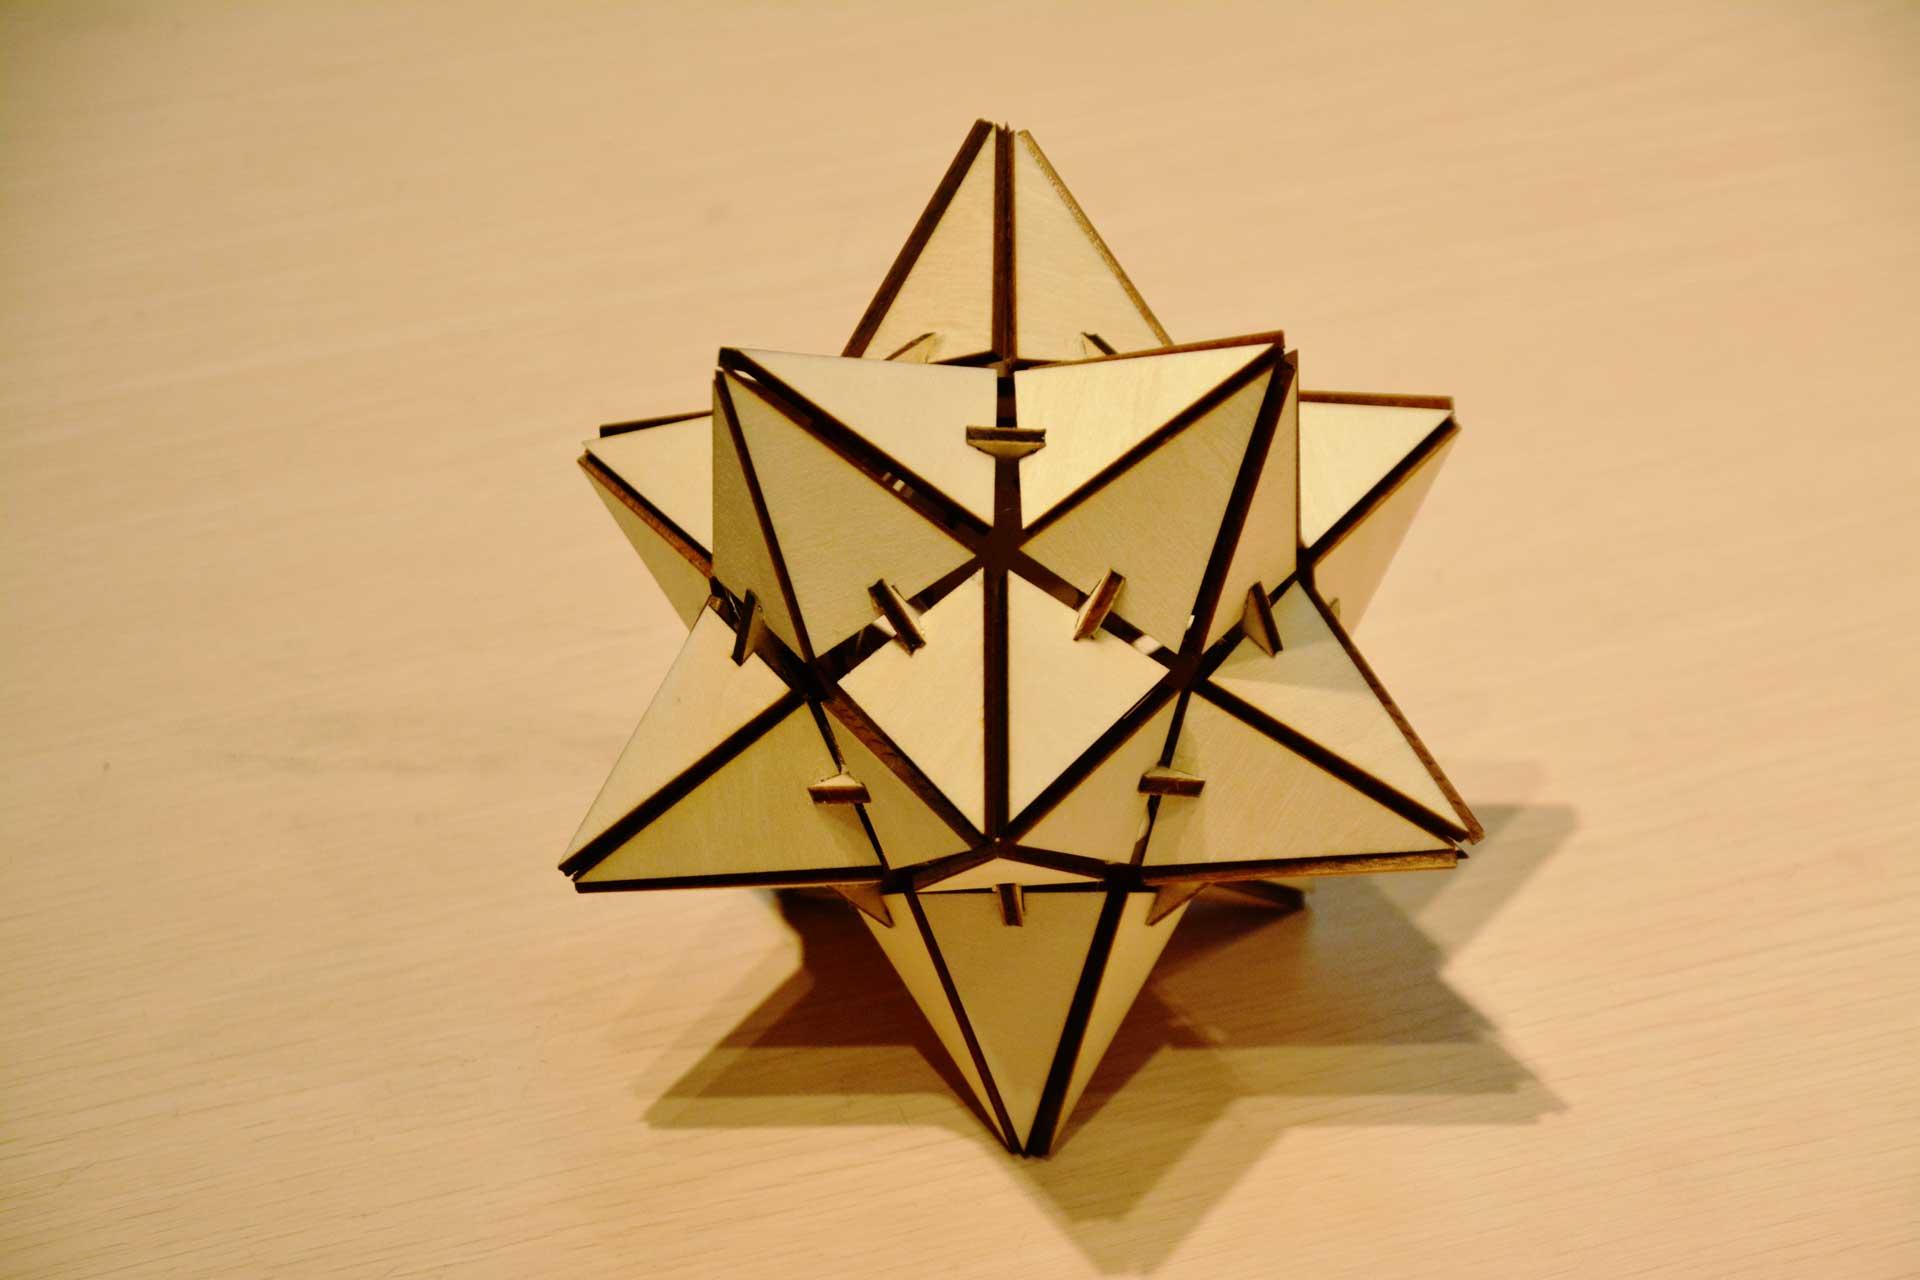 laser cutting wood star